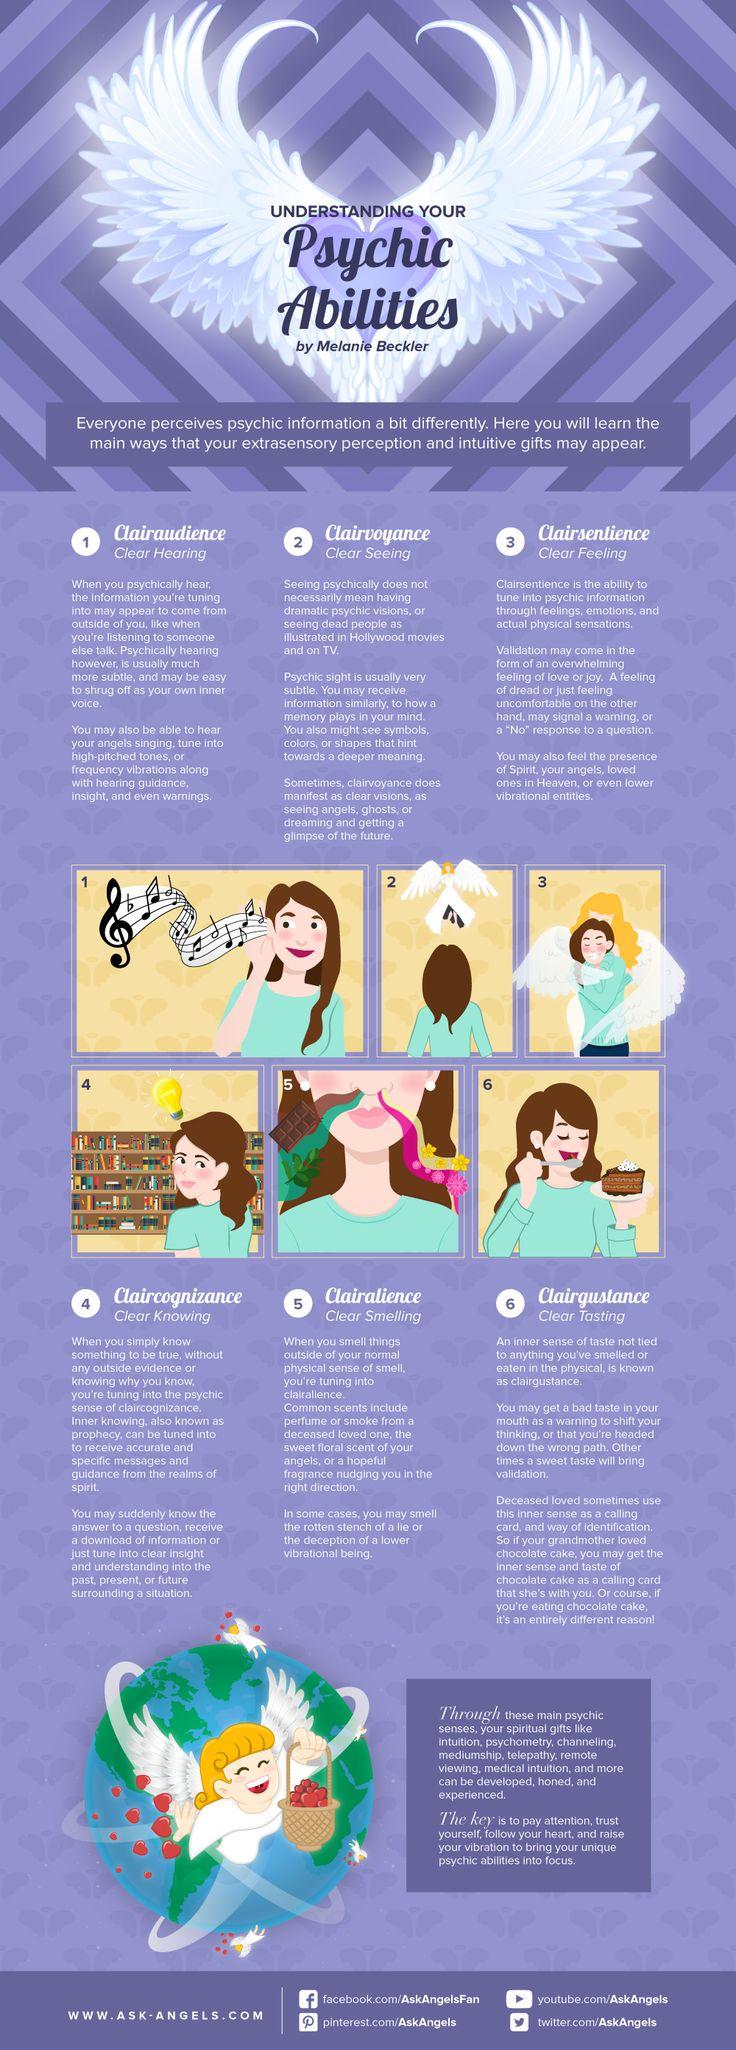 Understanding Your Psychic Abilities | www.lookingbeyond.com